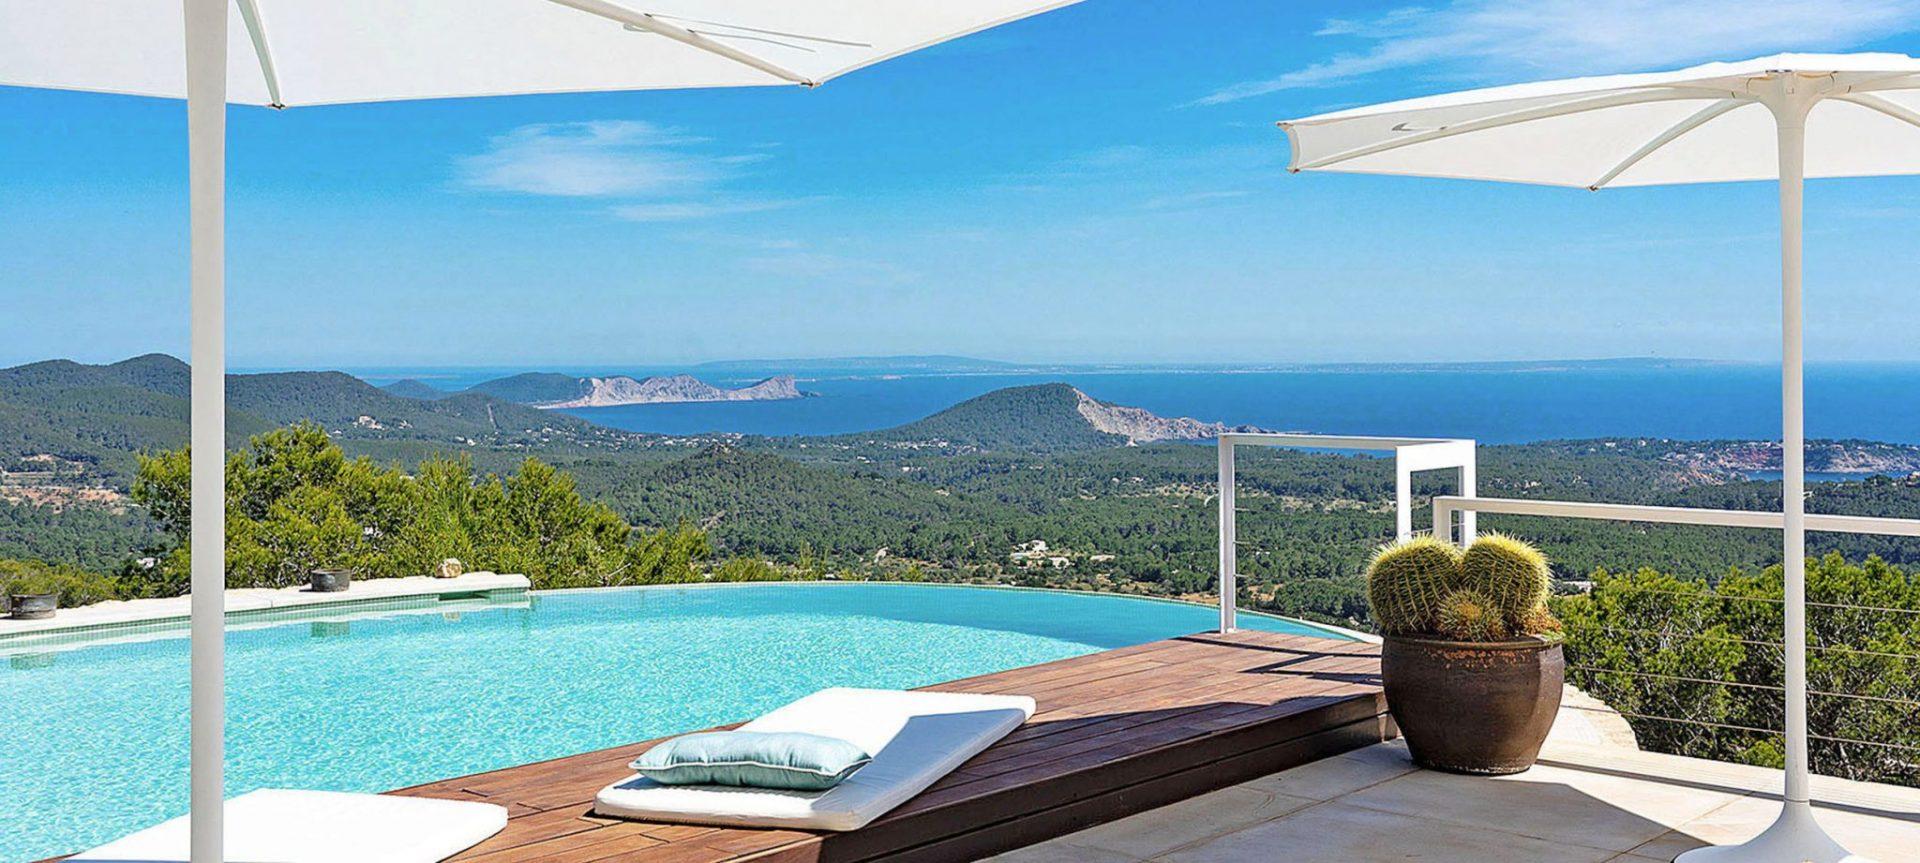 Home Villa Cima Blanca01